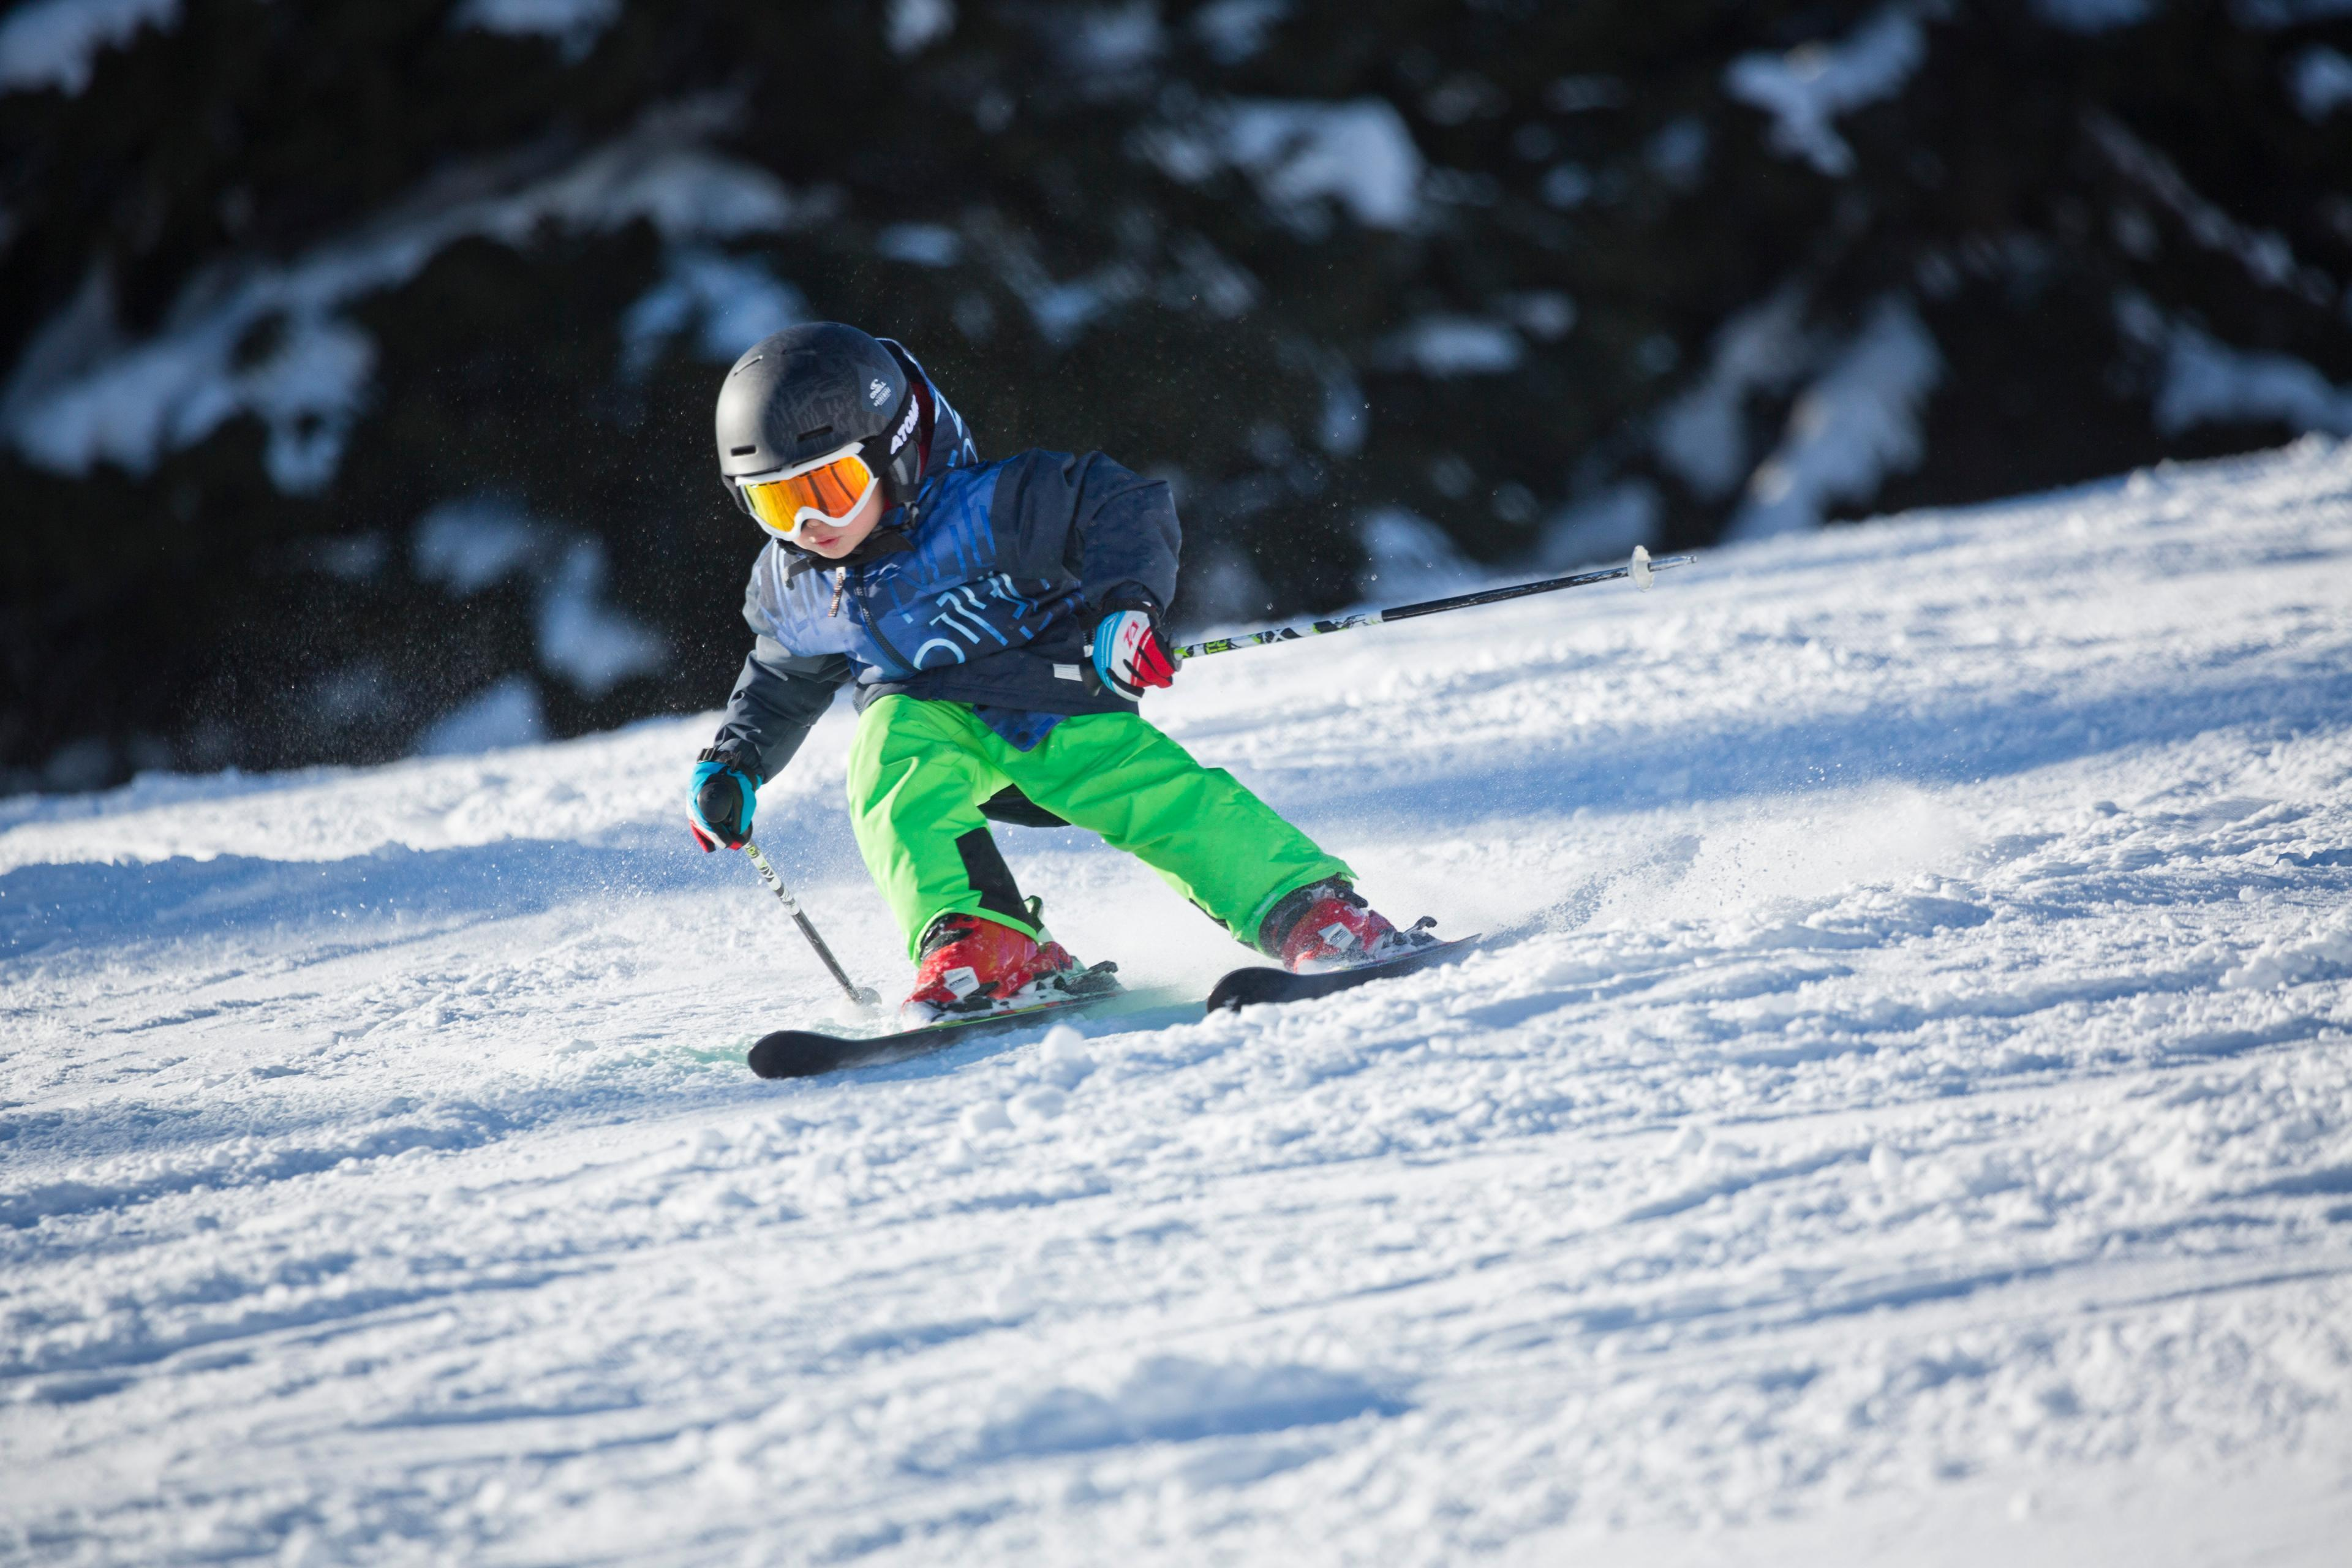 Clases de esquí privadas para niños para todos los niveles